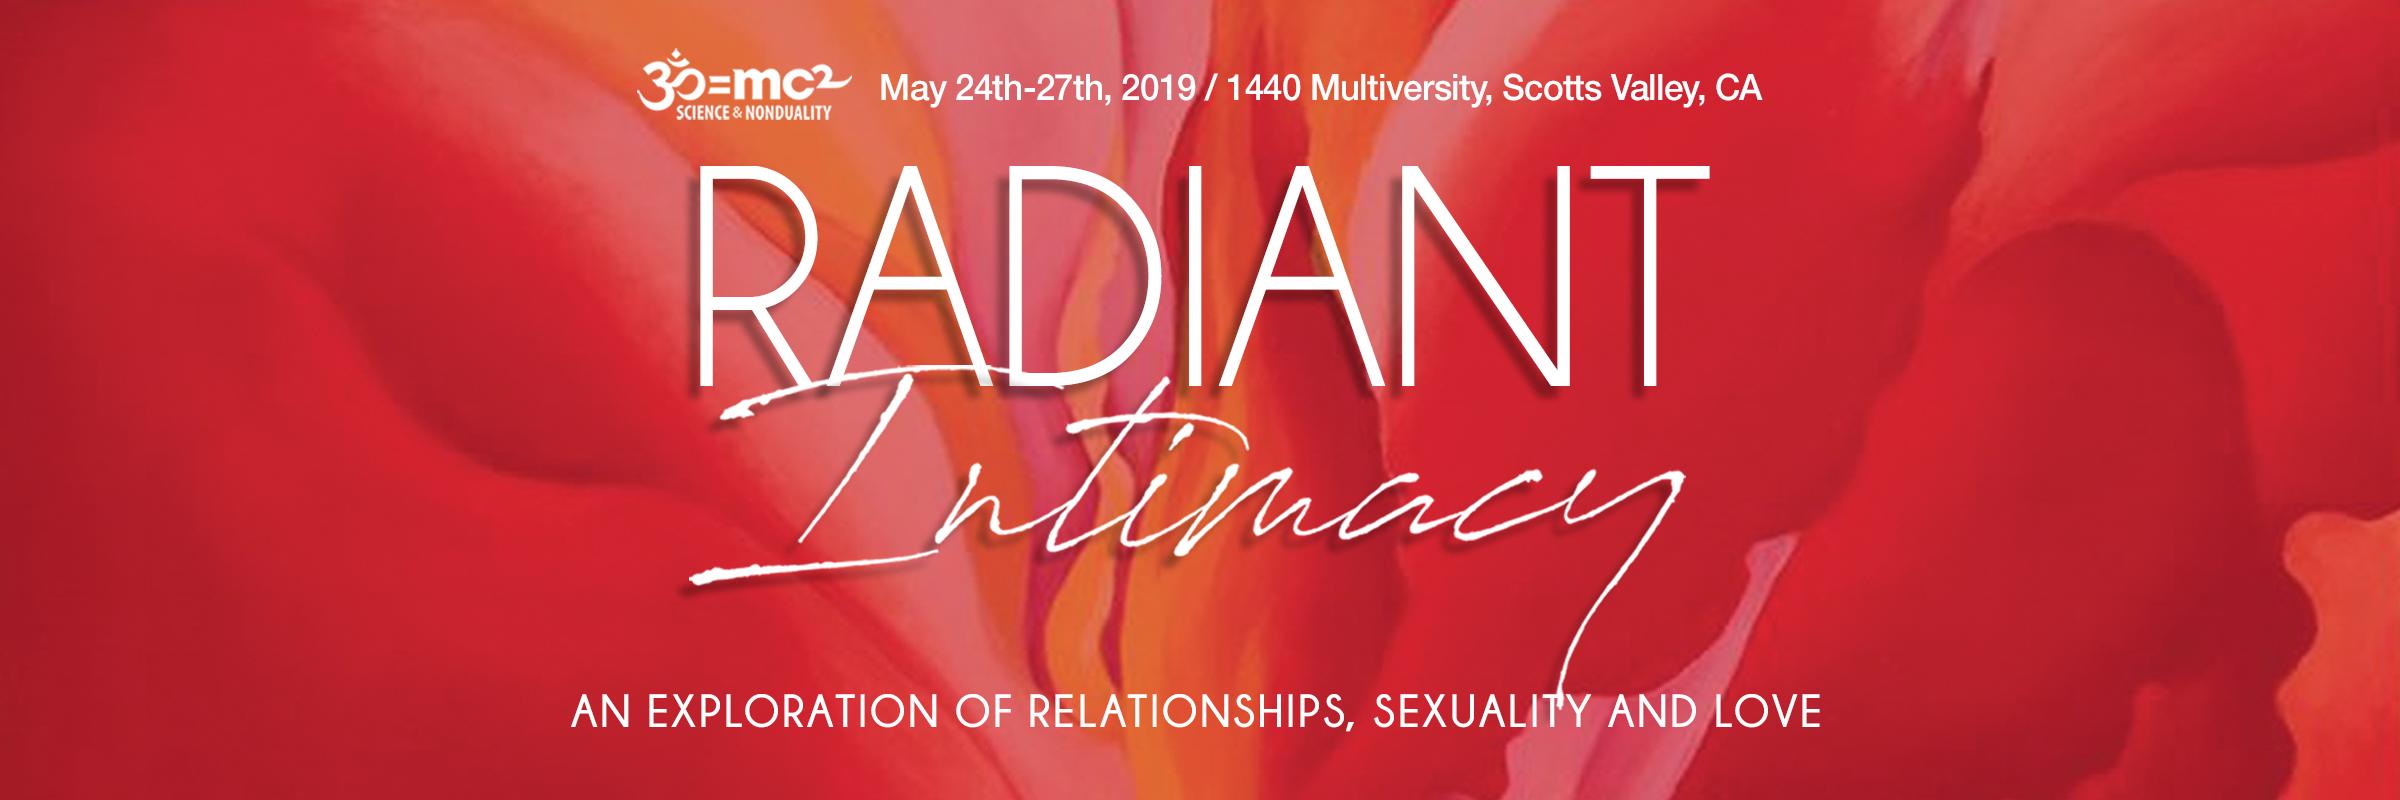 Radiant Intimacy